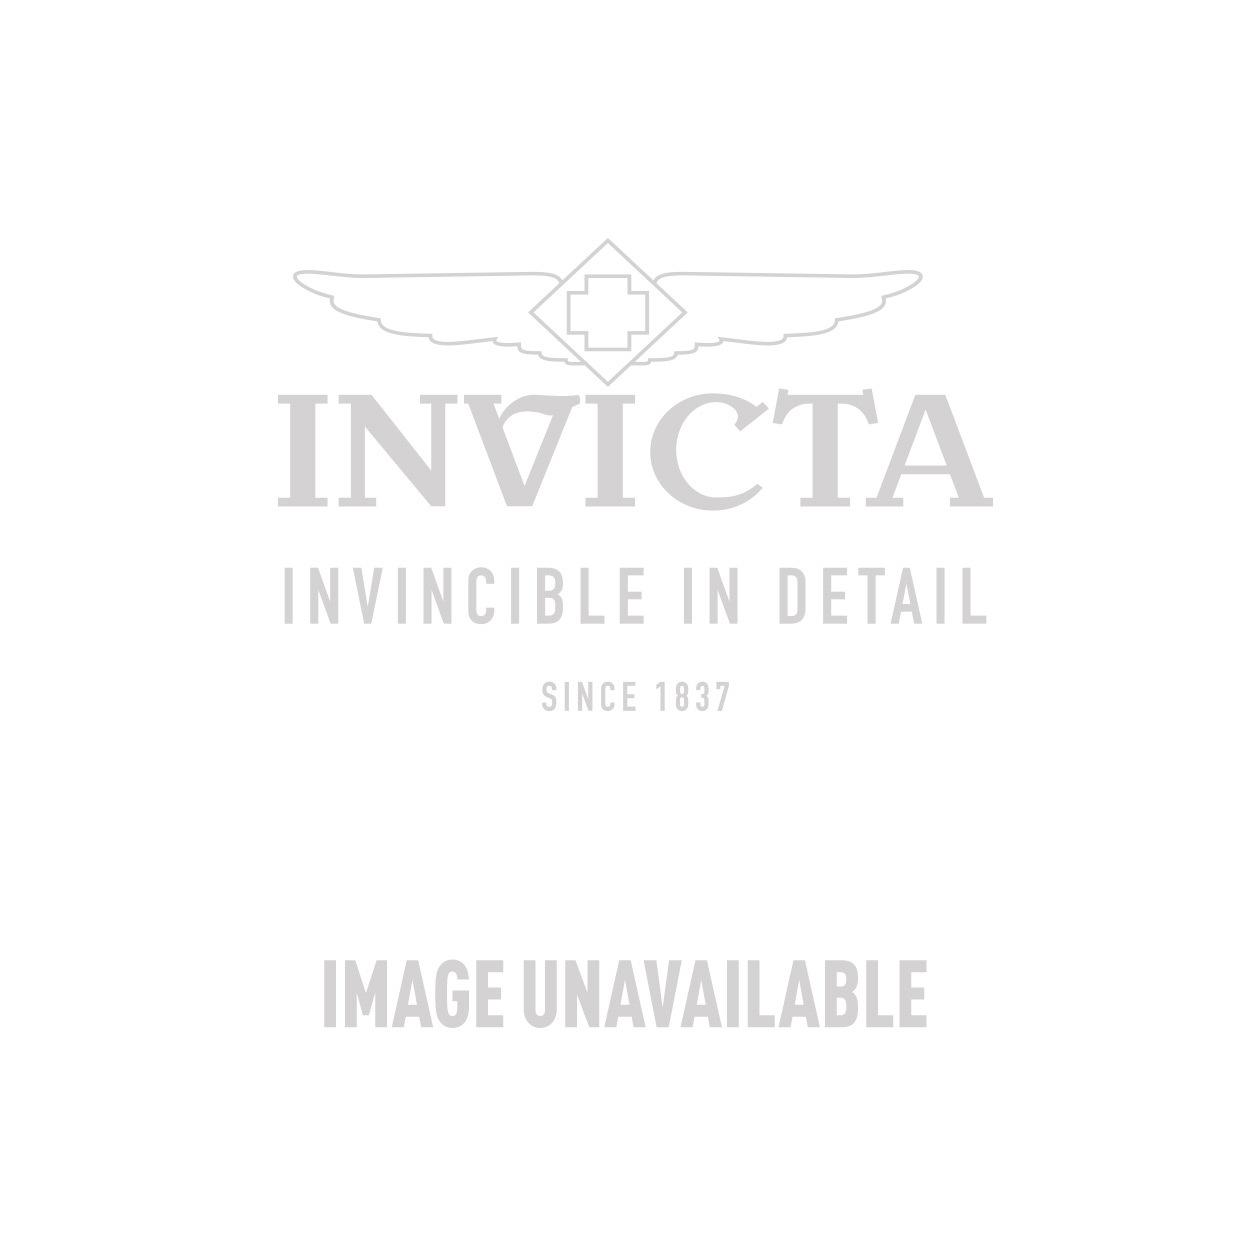 Invicta Model 28240